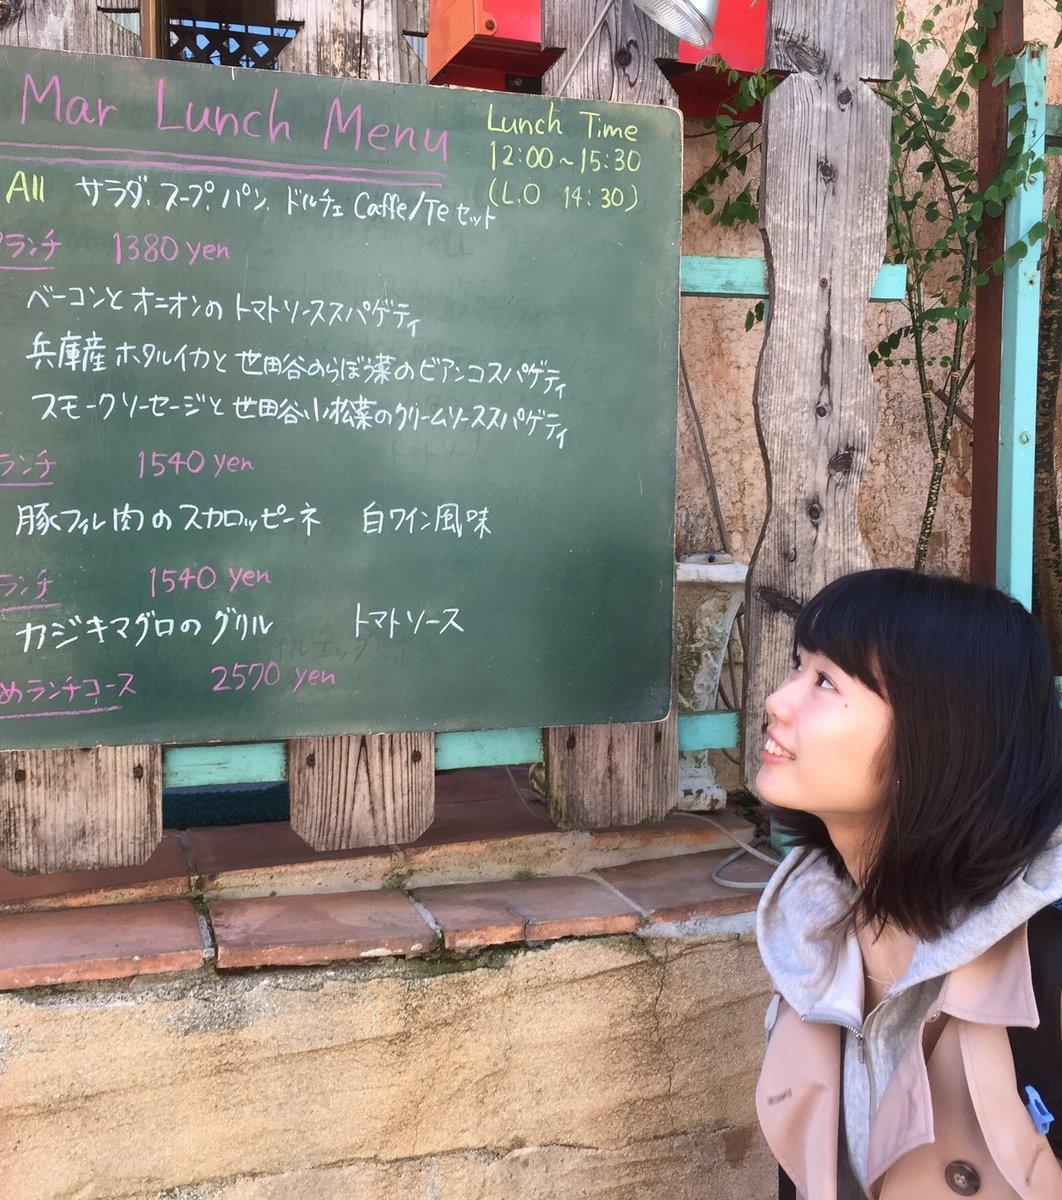 【閉店】代官山Mar